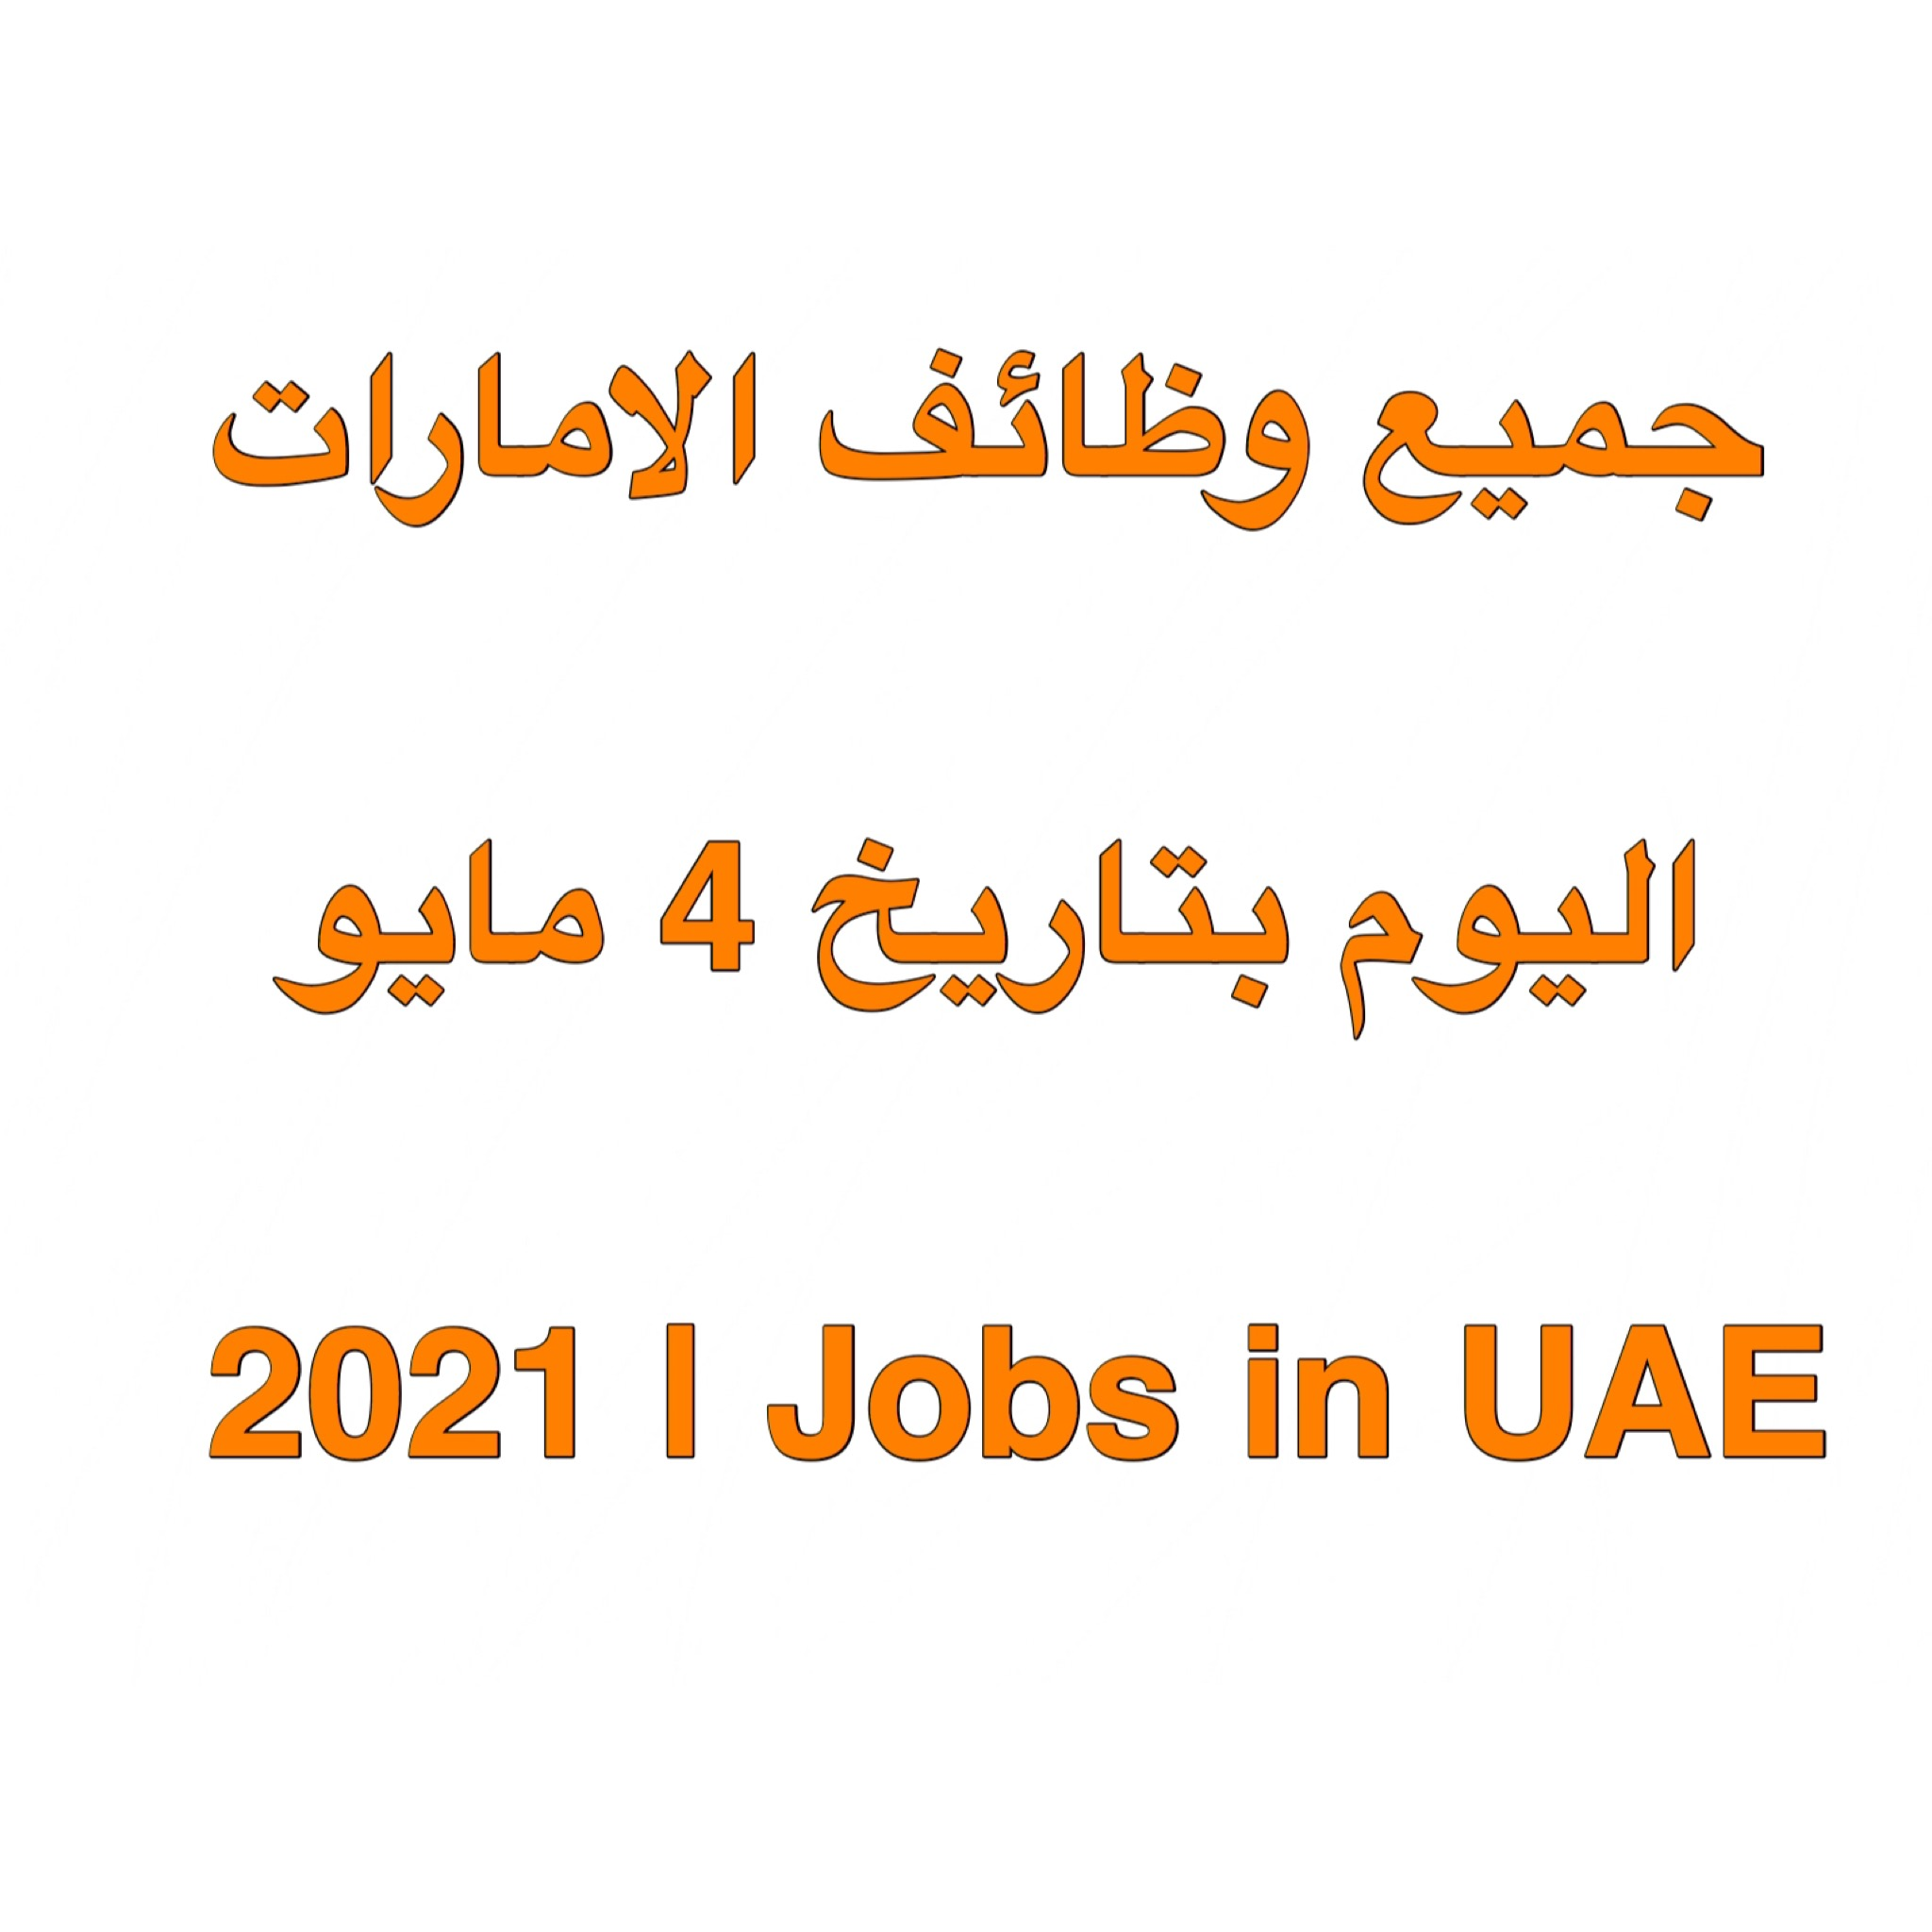 وظائف في الإمارات | Jobs in UAE   وظائف مايو 2021 خالية وفرص عمل بالامارات وحصل على وظيفة الان في الامارات اليوم ( 4 مايو 2021 ) لجميع التخصصات يومي في دولة الامارات للمواطنين والمقيمين بالامارات بتاريخ 4-05-2021 الوظائف المعلنة في الشركات والمؤسسات والقطاعات الحكومية والخاصة بدولة الامارات بتاريخ (4 مايو 2021 ) لكلٍ من المواطنين والمقيمين بدولة الامارات .